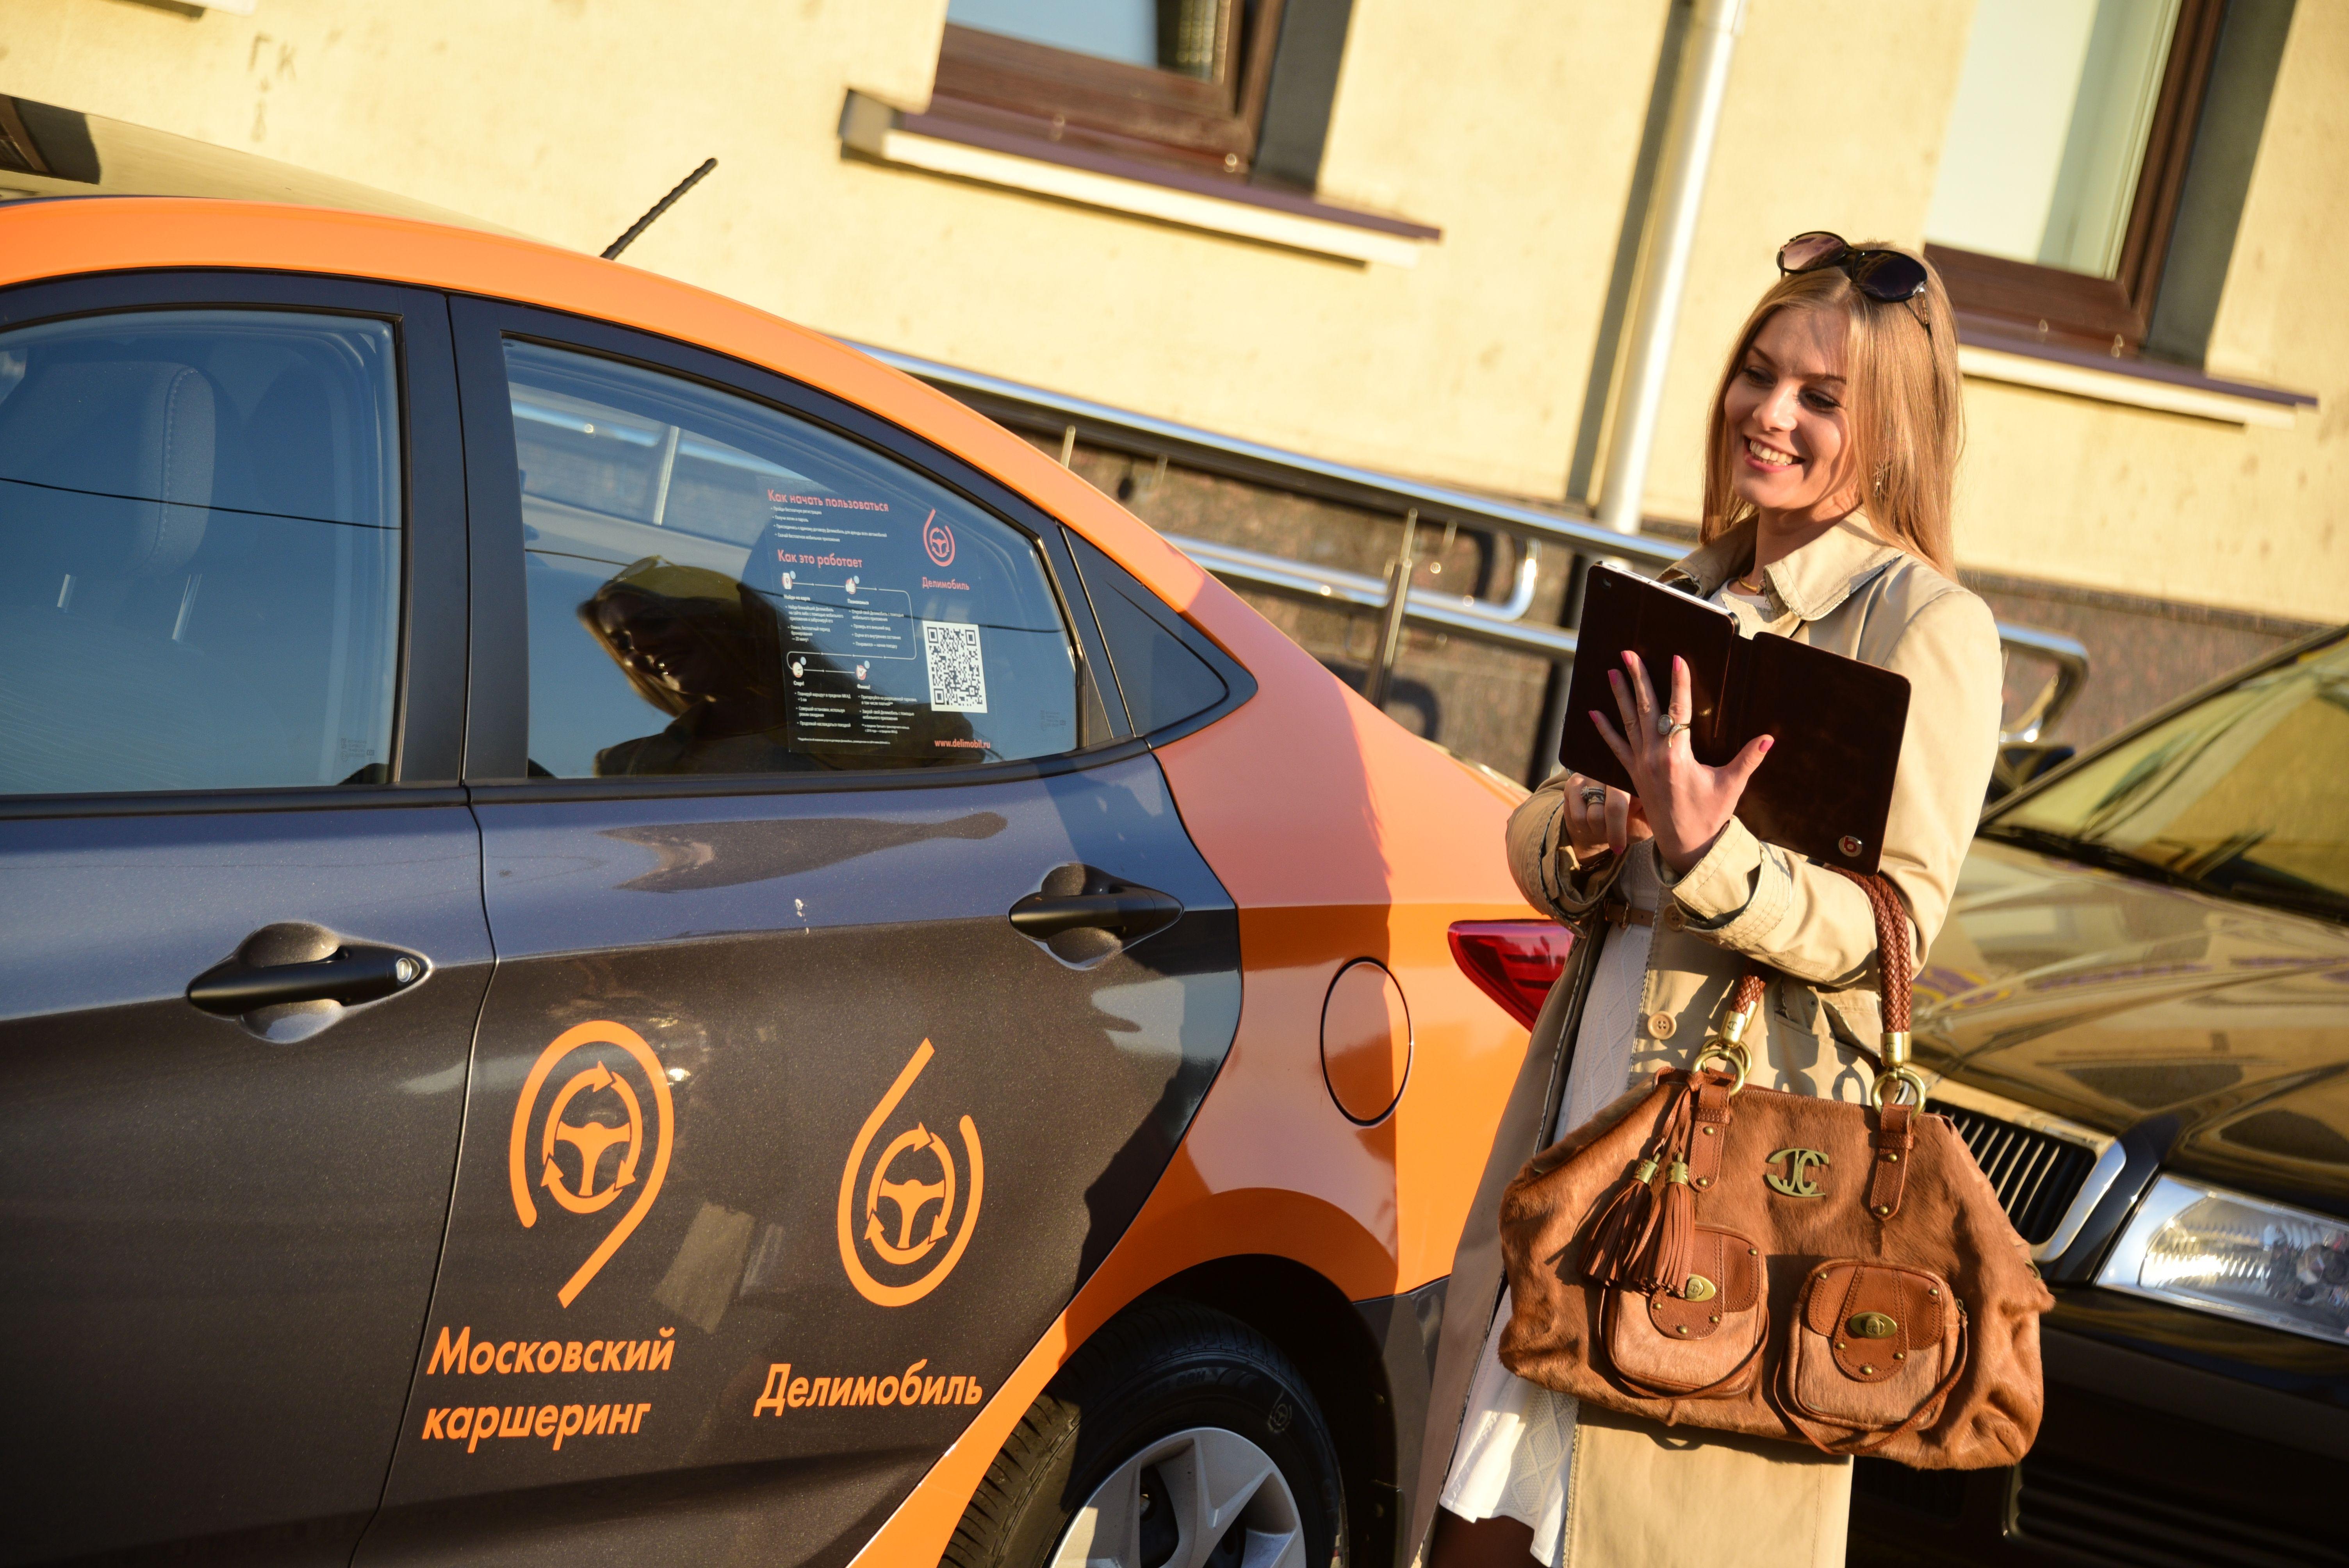 Москвичи начали отказываться от личных авто в пользу каршеринга